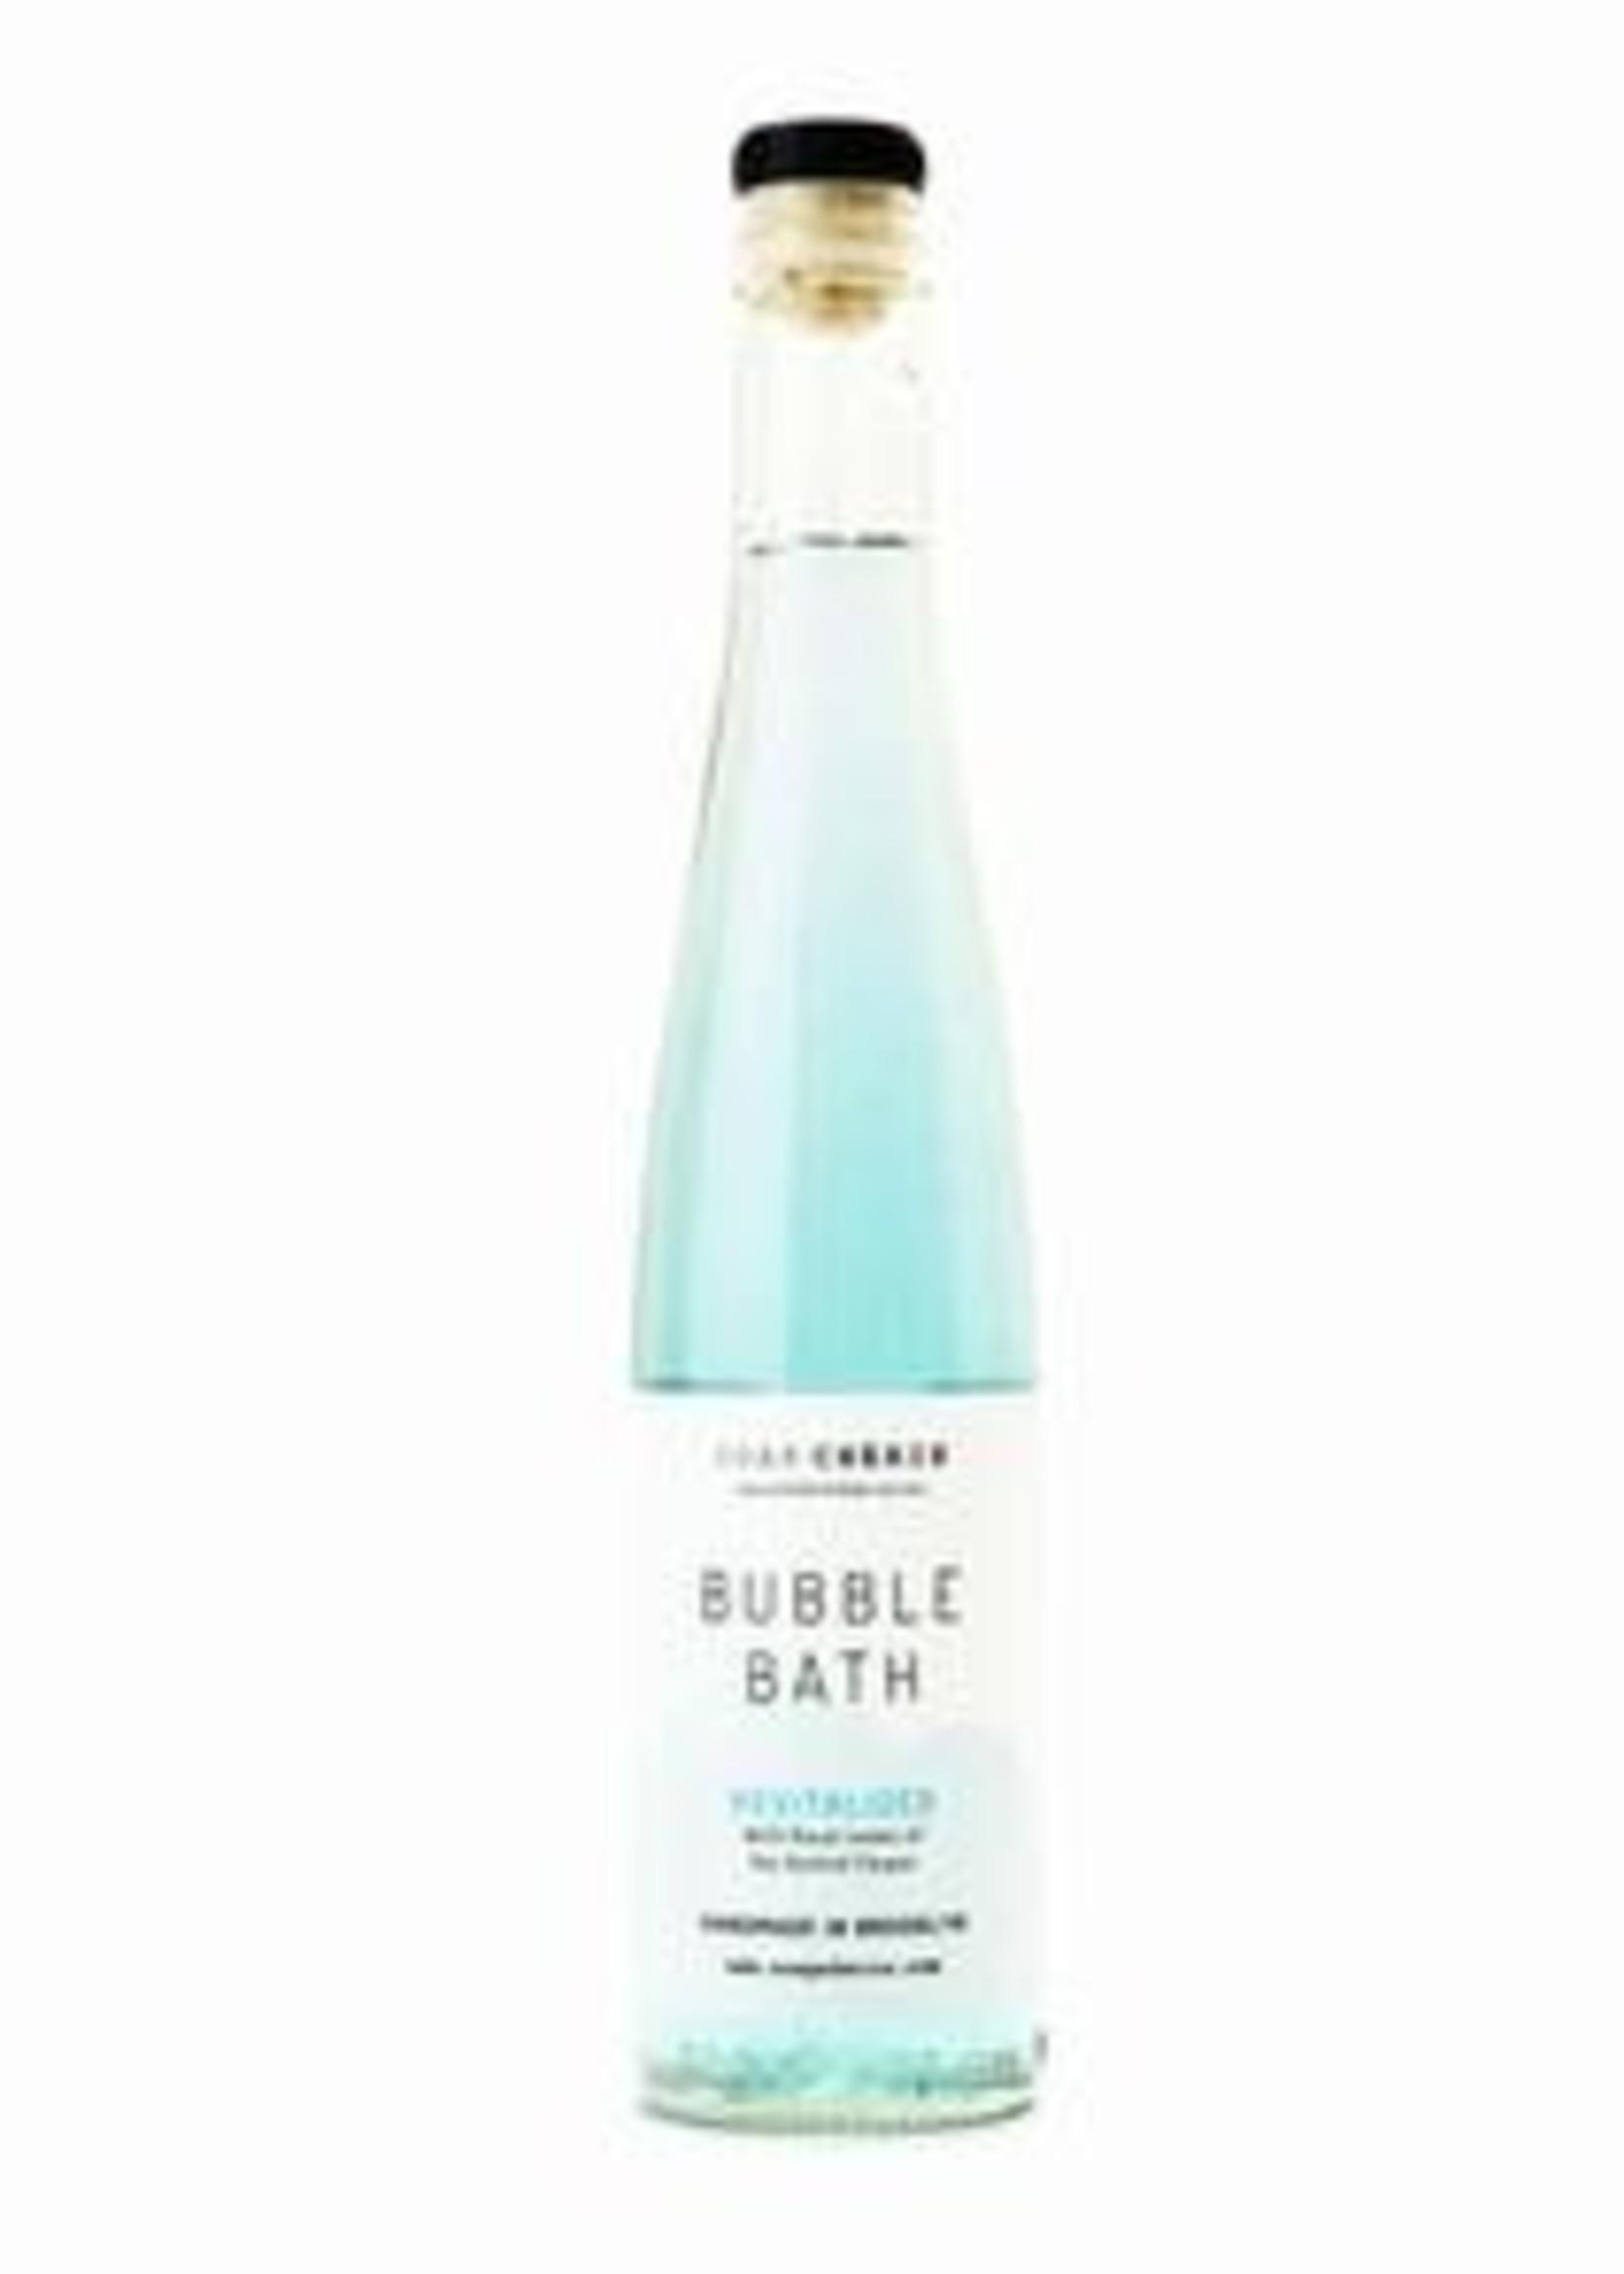 Soap Cherie Bubble Bath